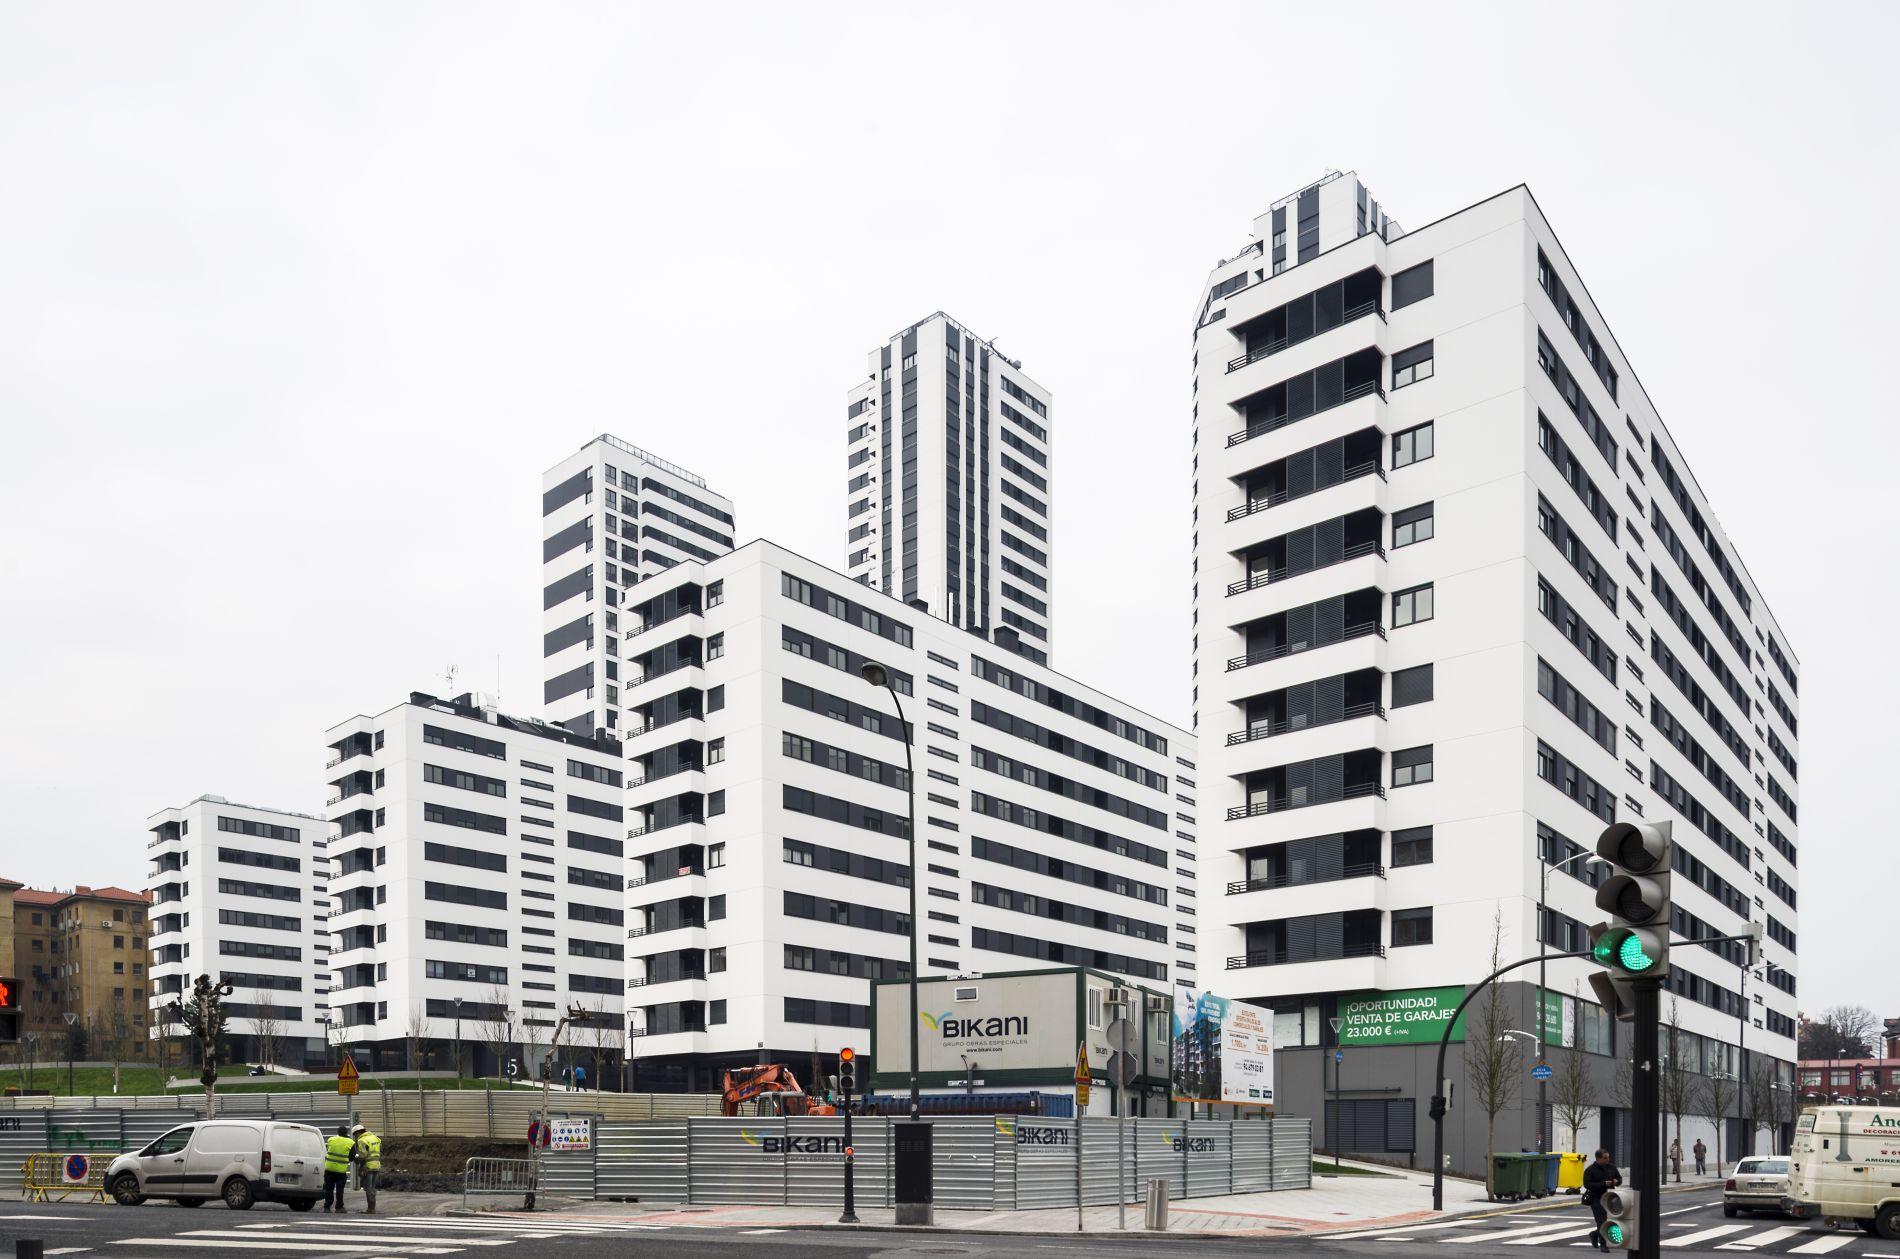 Fiark - 318 Viviendas VPO y 289 tasadas en Bilbao 12